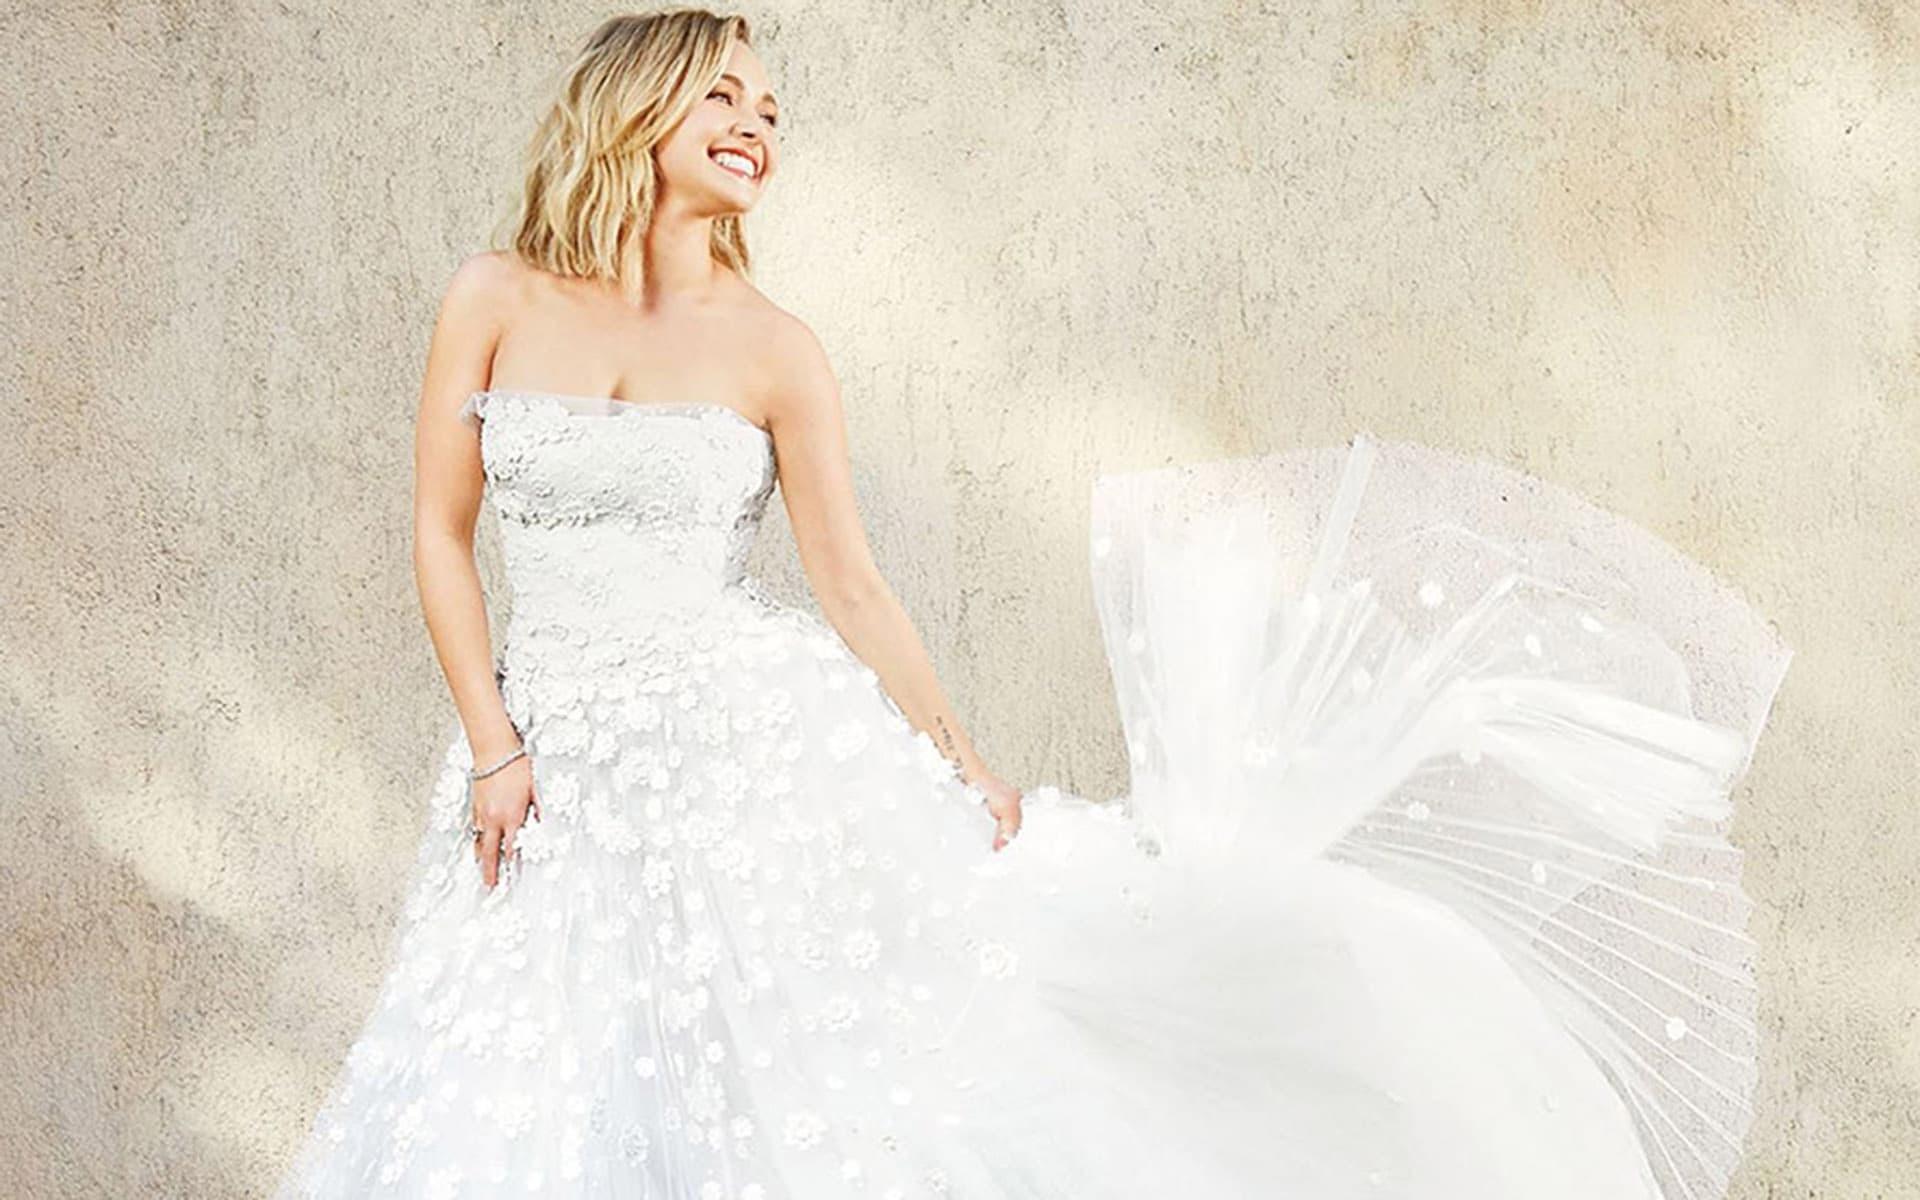 1920x1200, Hayden Panettiere Wedding Dress Wallpapers - Wedding Dress , HD Wallpaper & Backgrounds